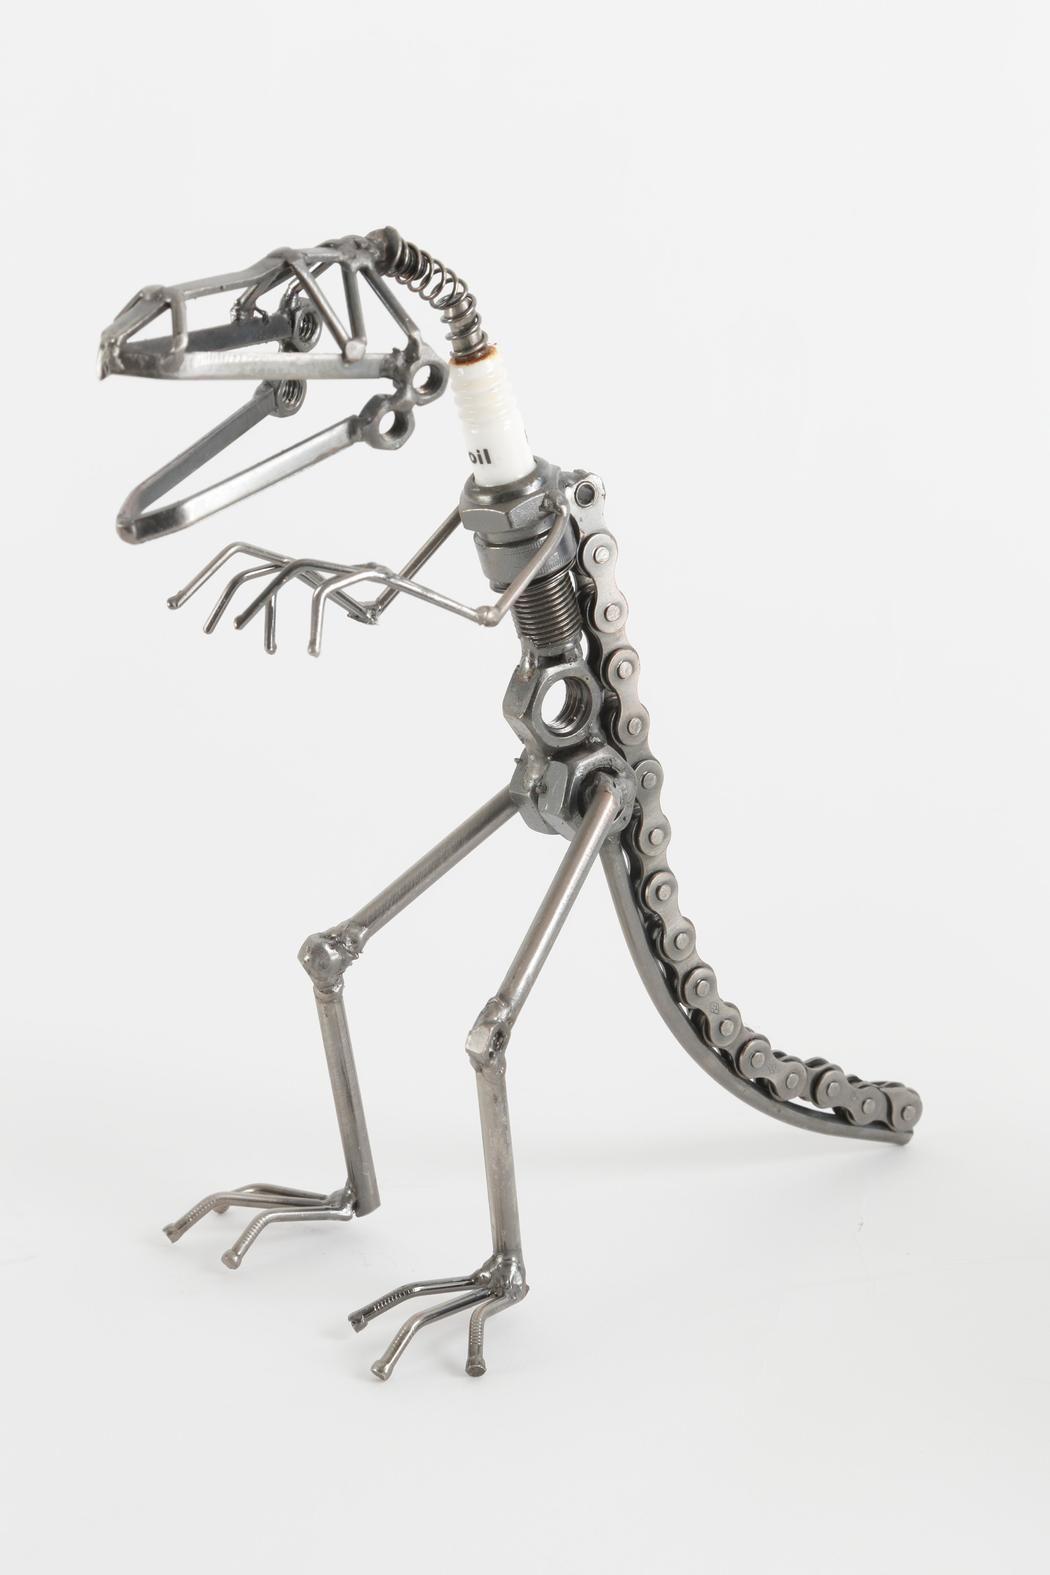 yard birds sparkplug t rex sculpture bikes sculpture and bike chain